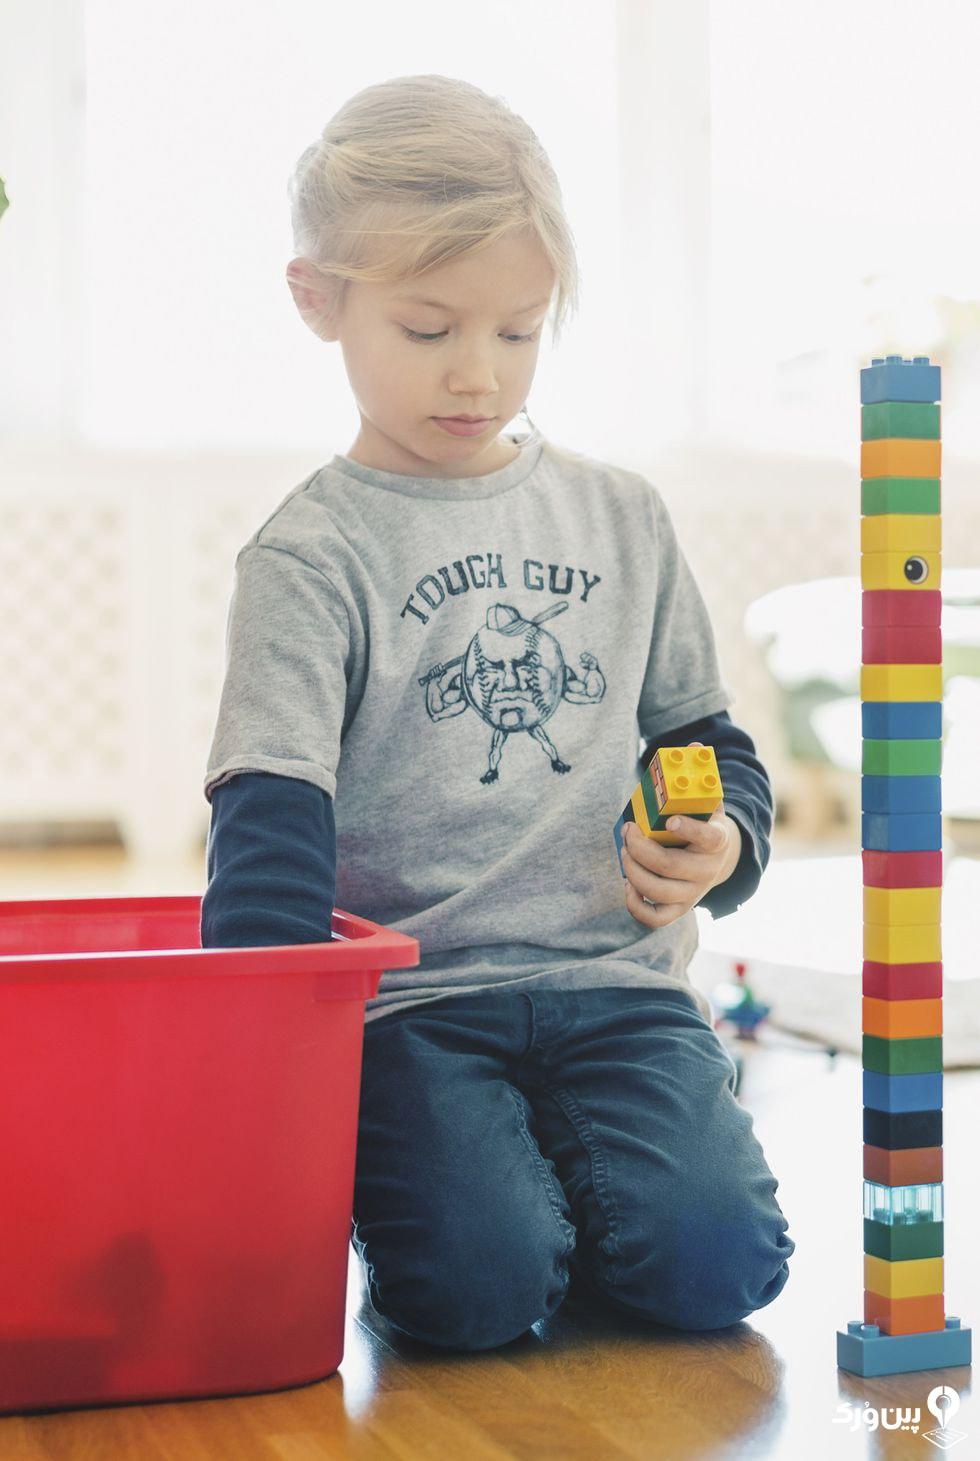 مخلوط کردن اسباب بازیهای خانه سازی